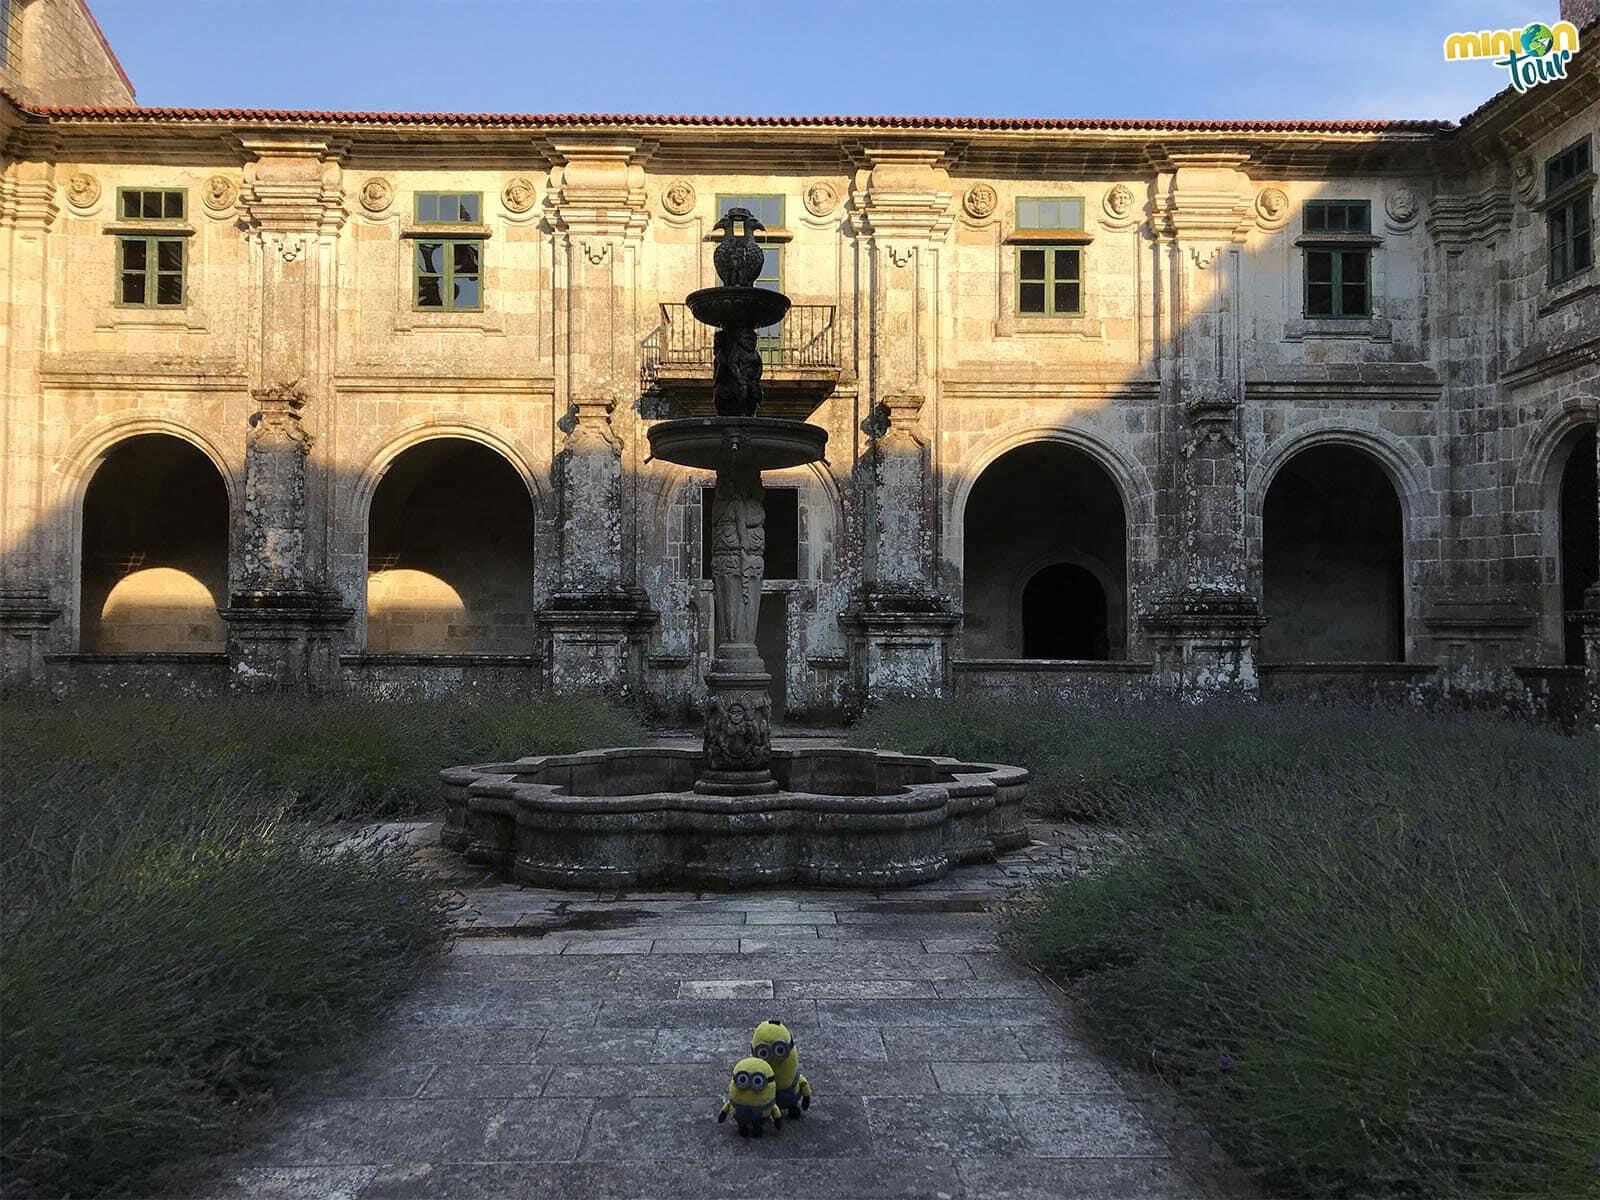 Minions visitando el Claustro de Medallones del Monasterio de Oseira